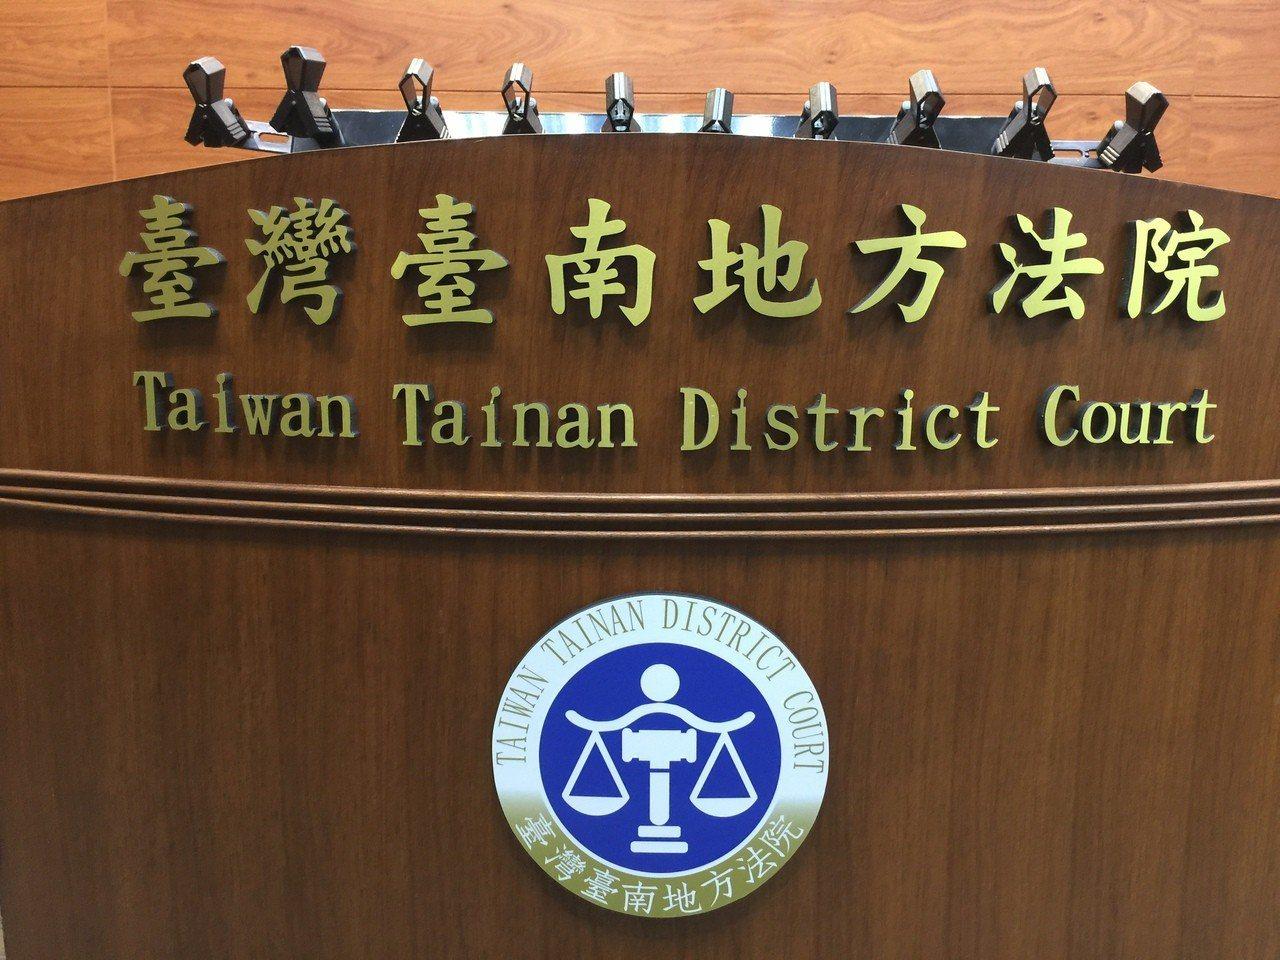 台南地院認謝姓男子放火燒燬他人所有之草皮,致生公共危險,處1年4月徒刑,可上訴。...